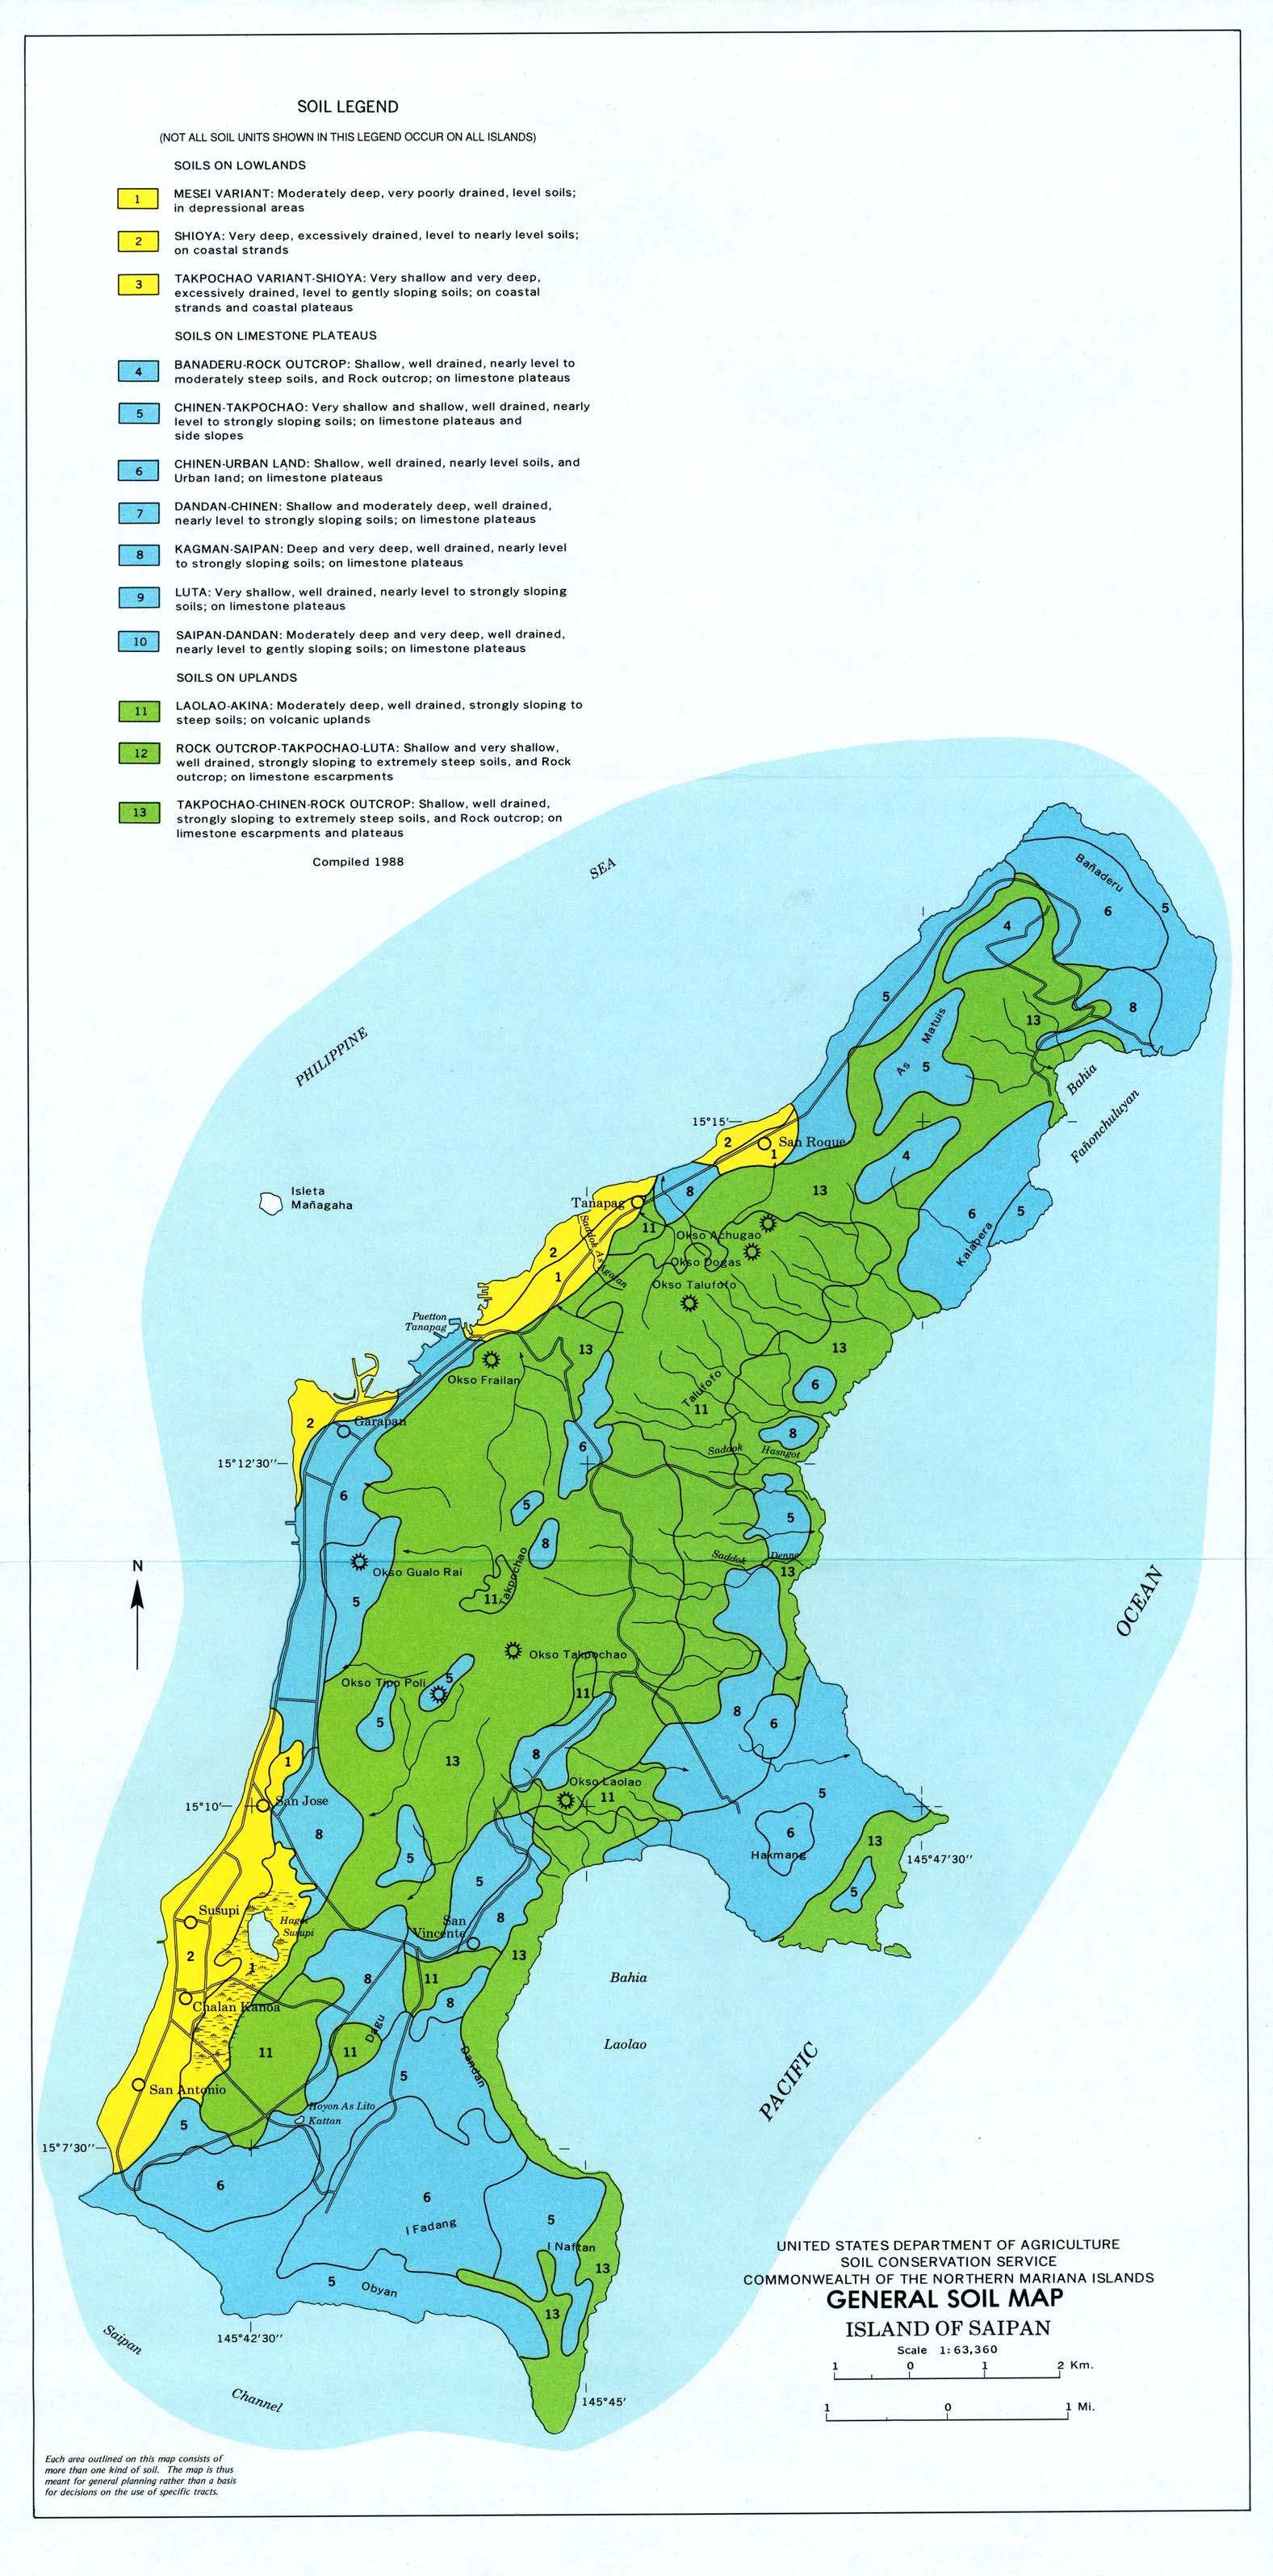 Mapa General de los Suelos de la Isla de Saipan, Islas Marianas del Norte